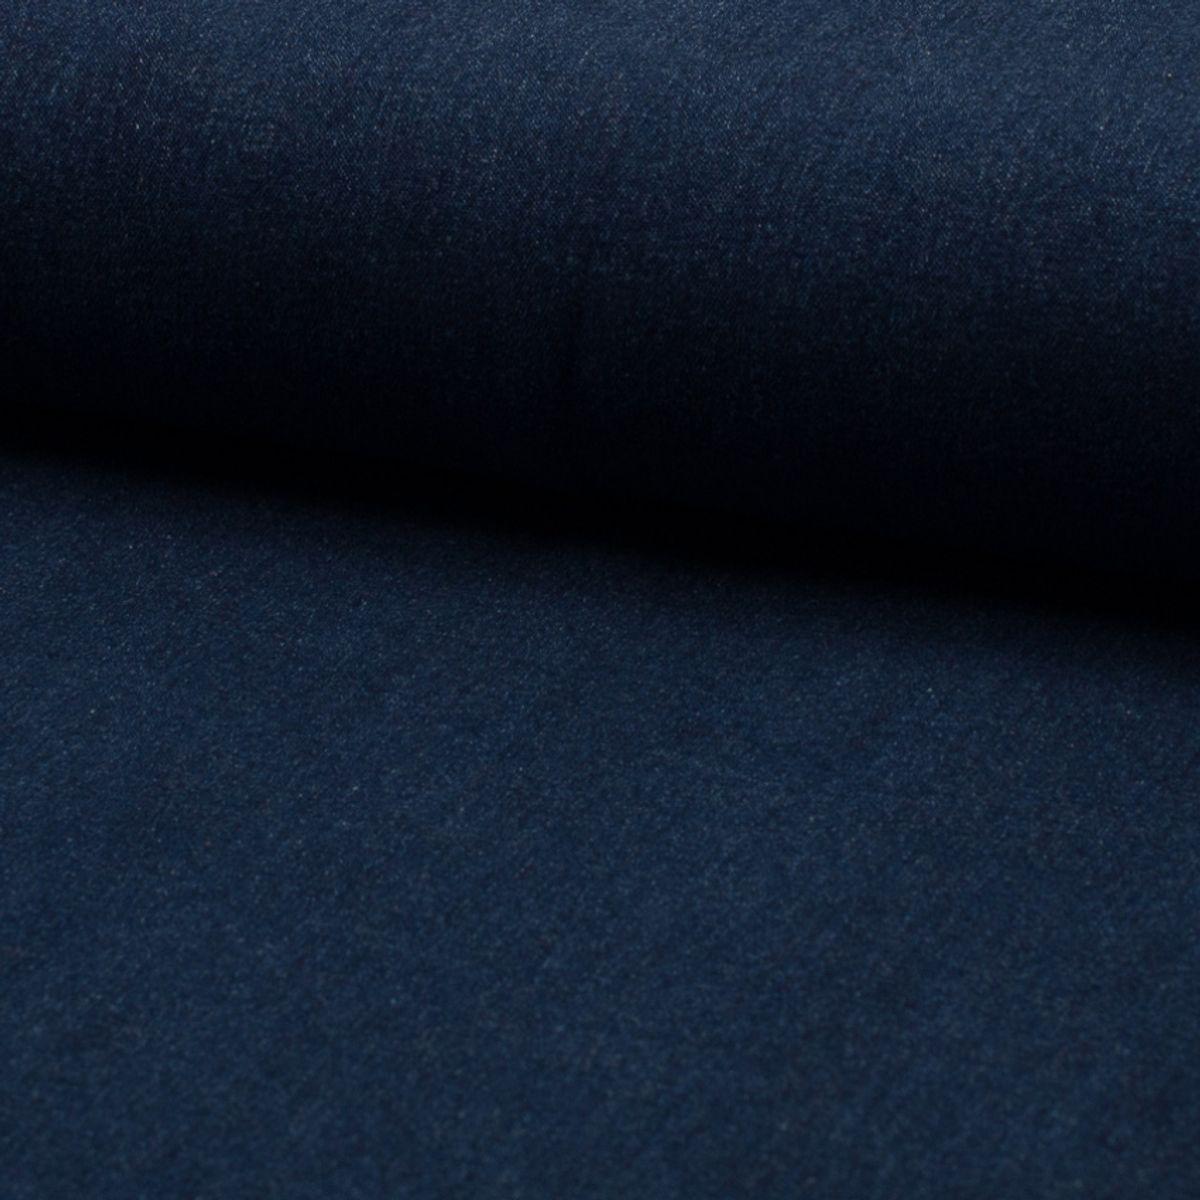 Tissu jeans stretch Denim - Bleu foncé